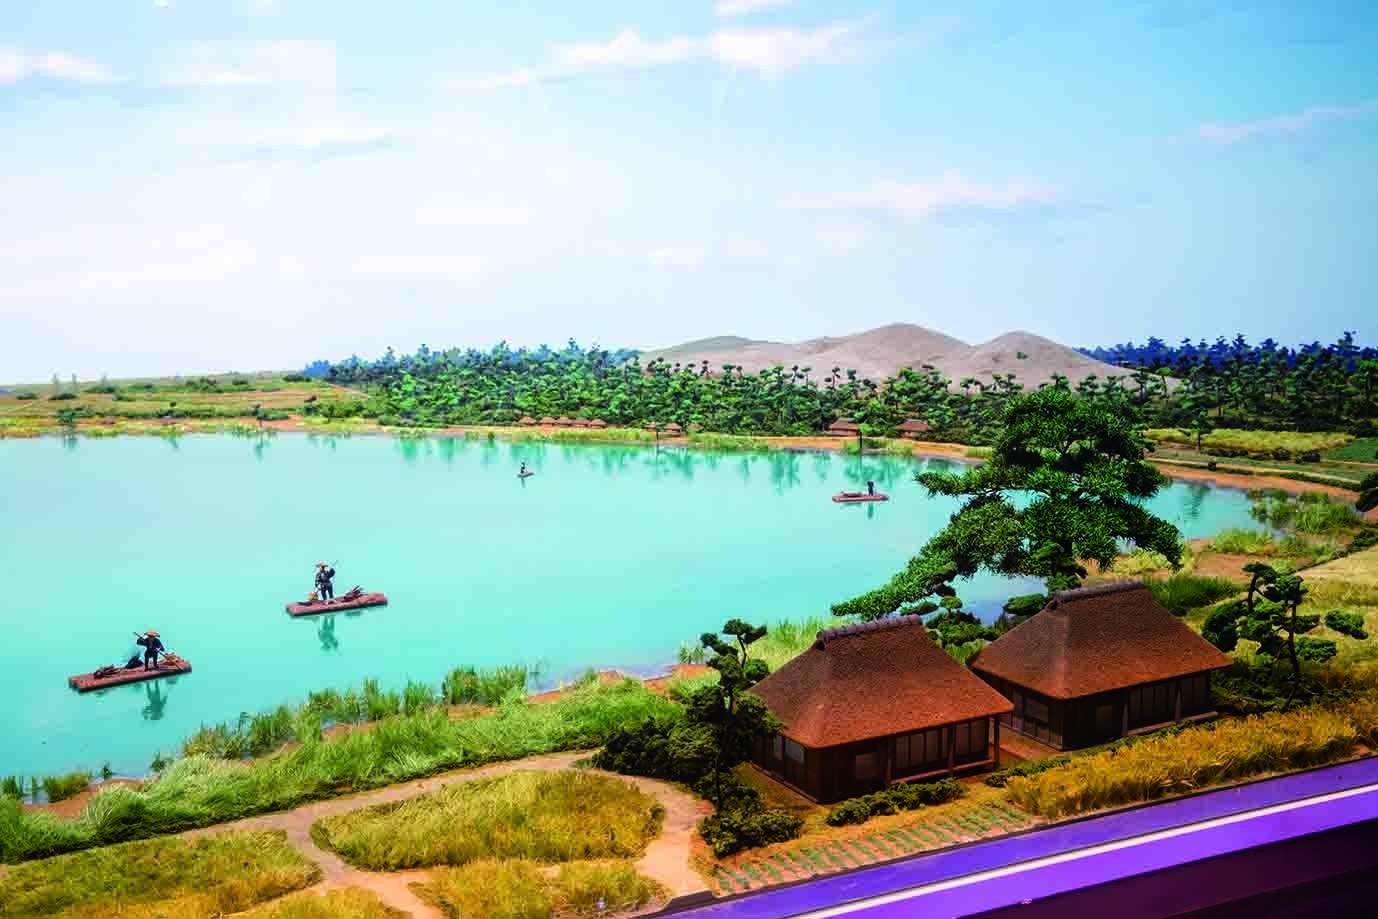 当時の神之池と砂丘を再現したジオラマ